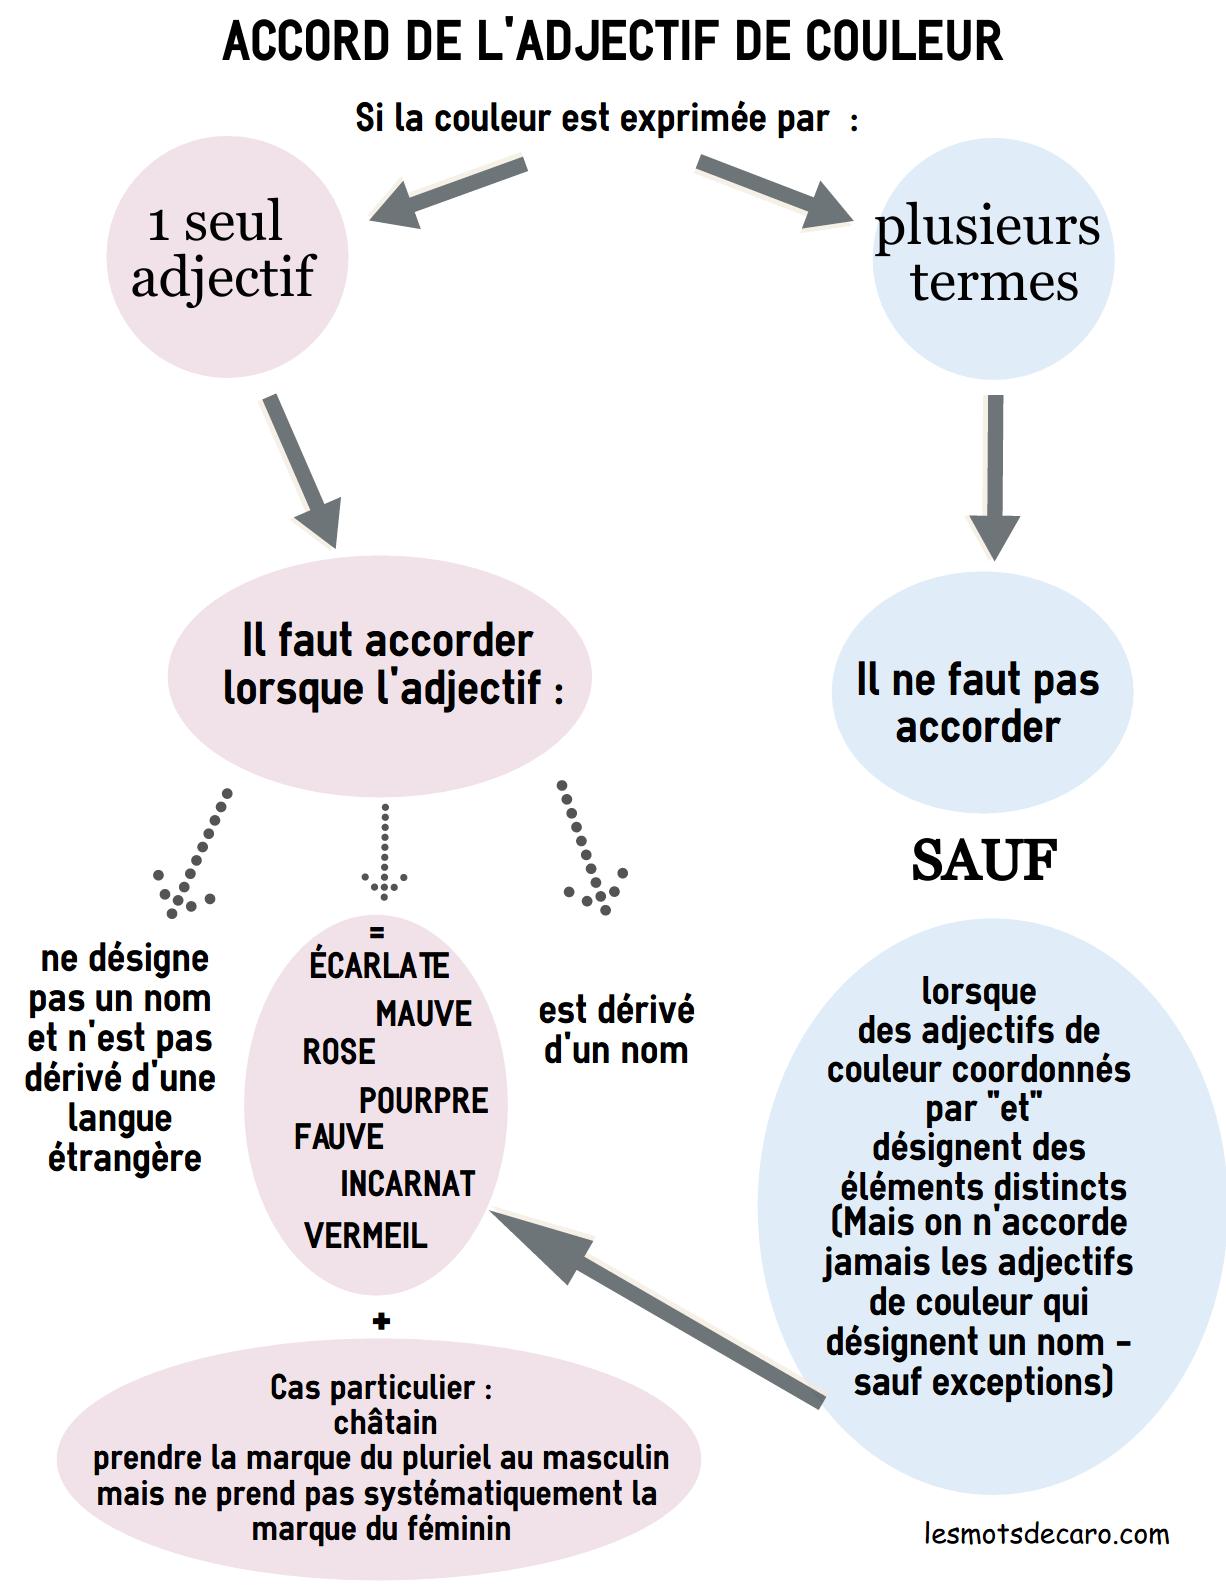 infographie accord de l'adjectif de couleur